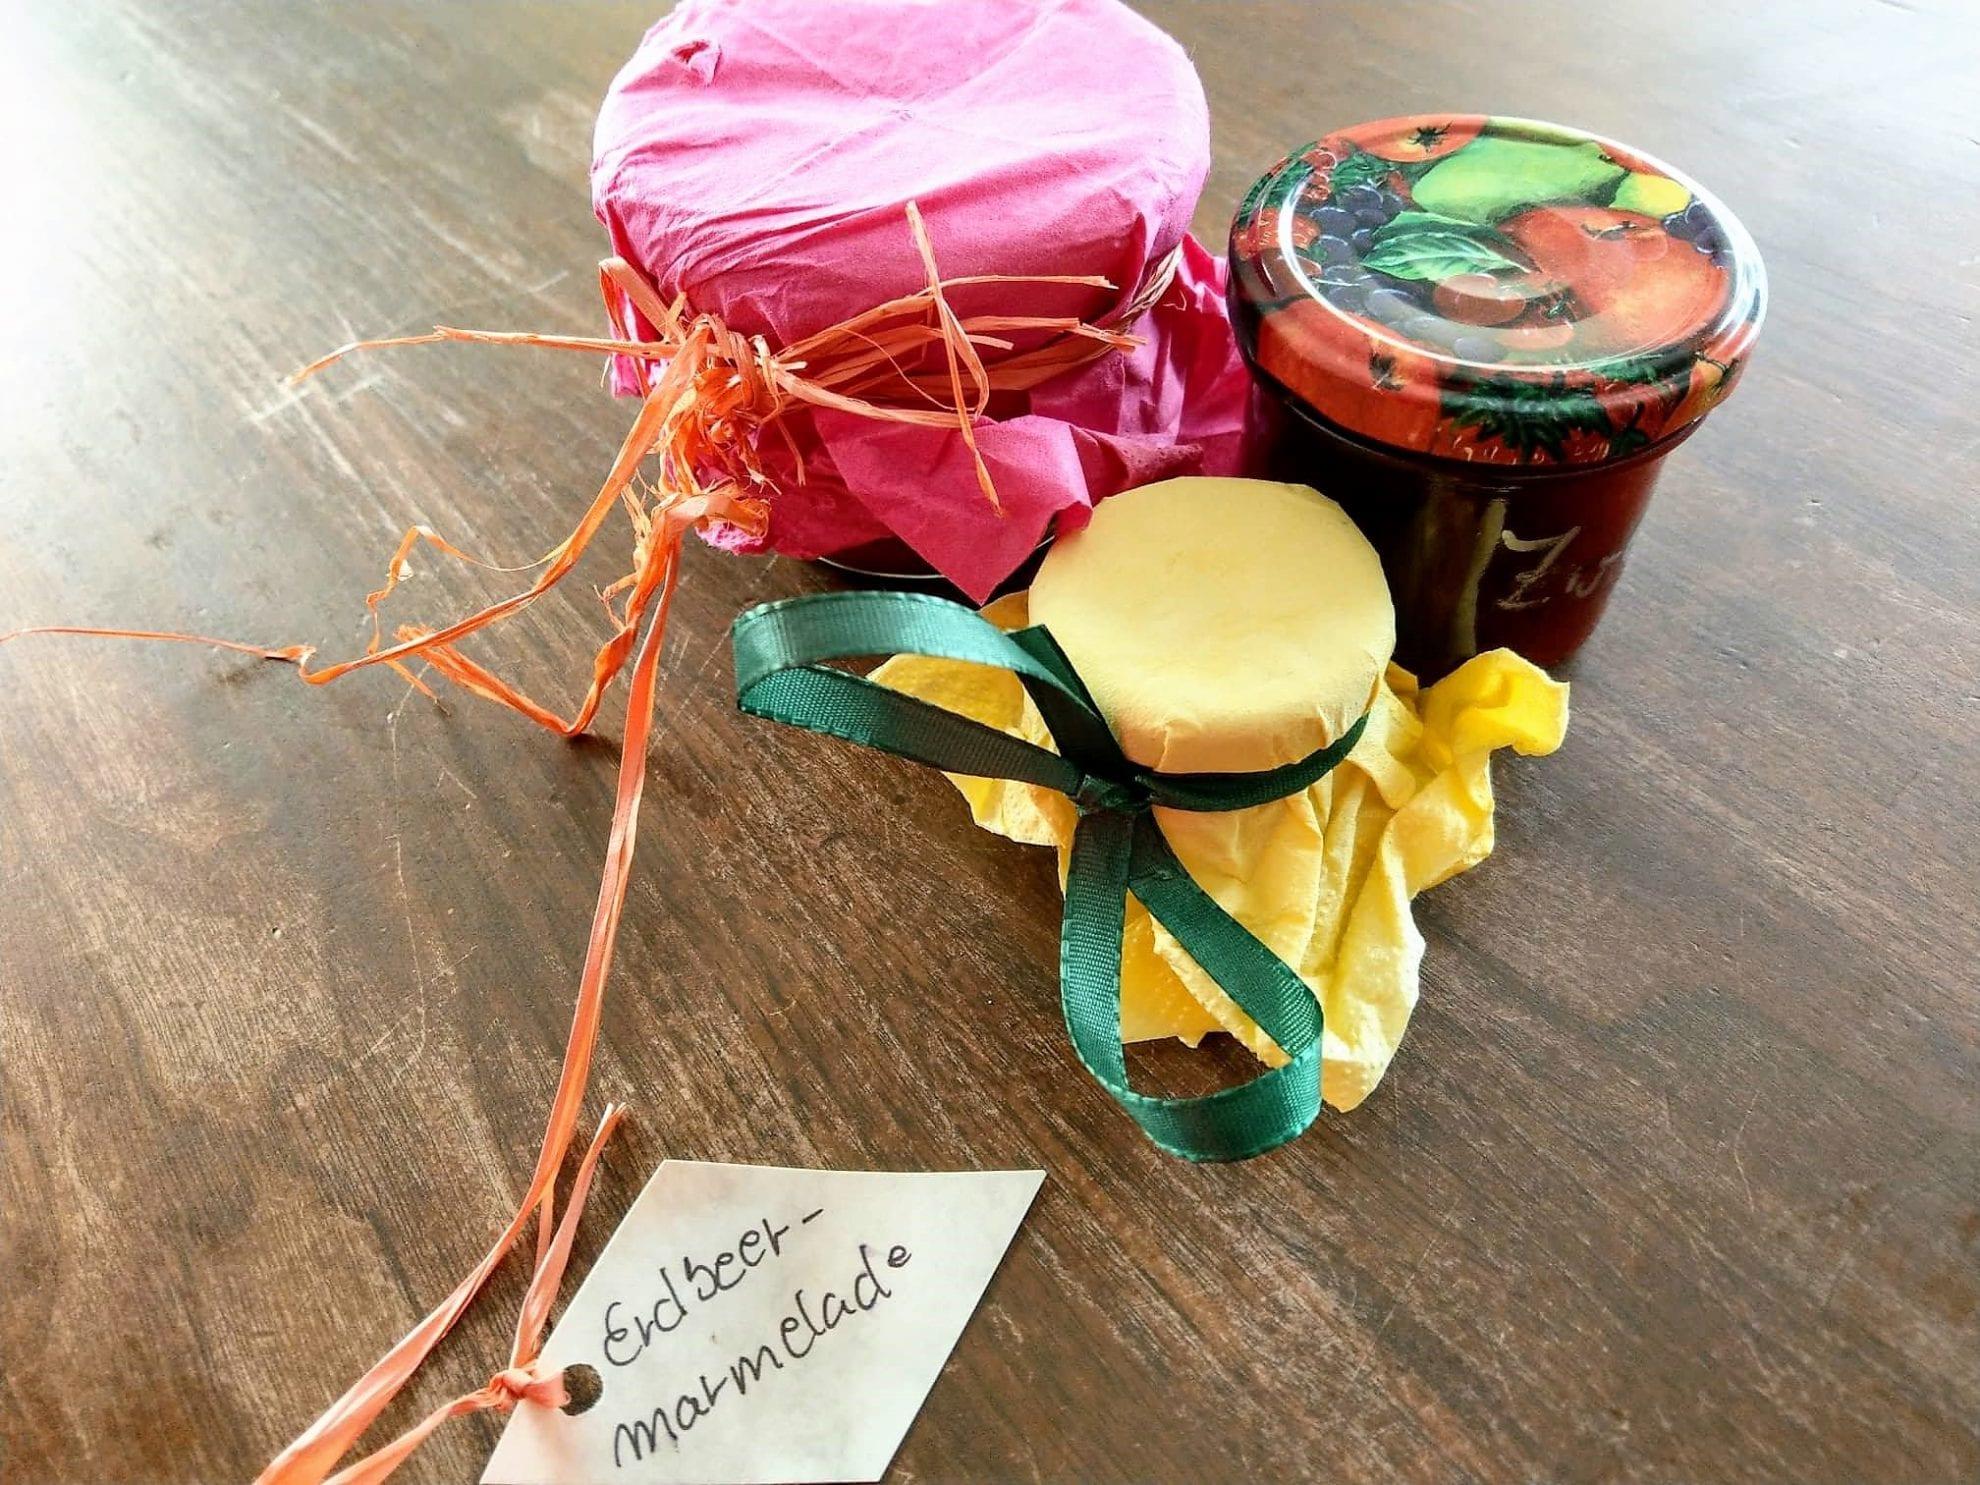 Marmelade und Kraeutersalz aus dem Kindergartenverkauf